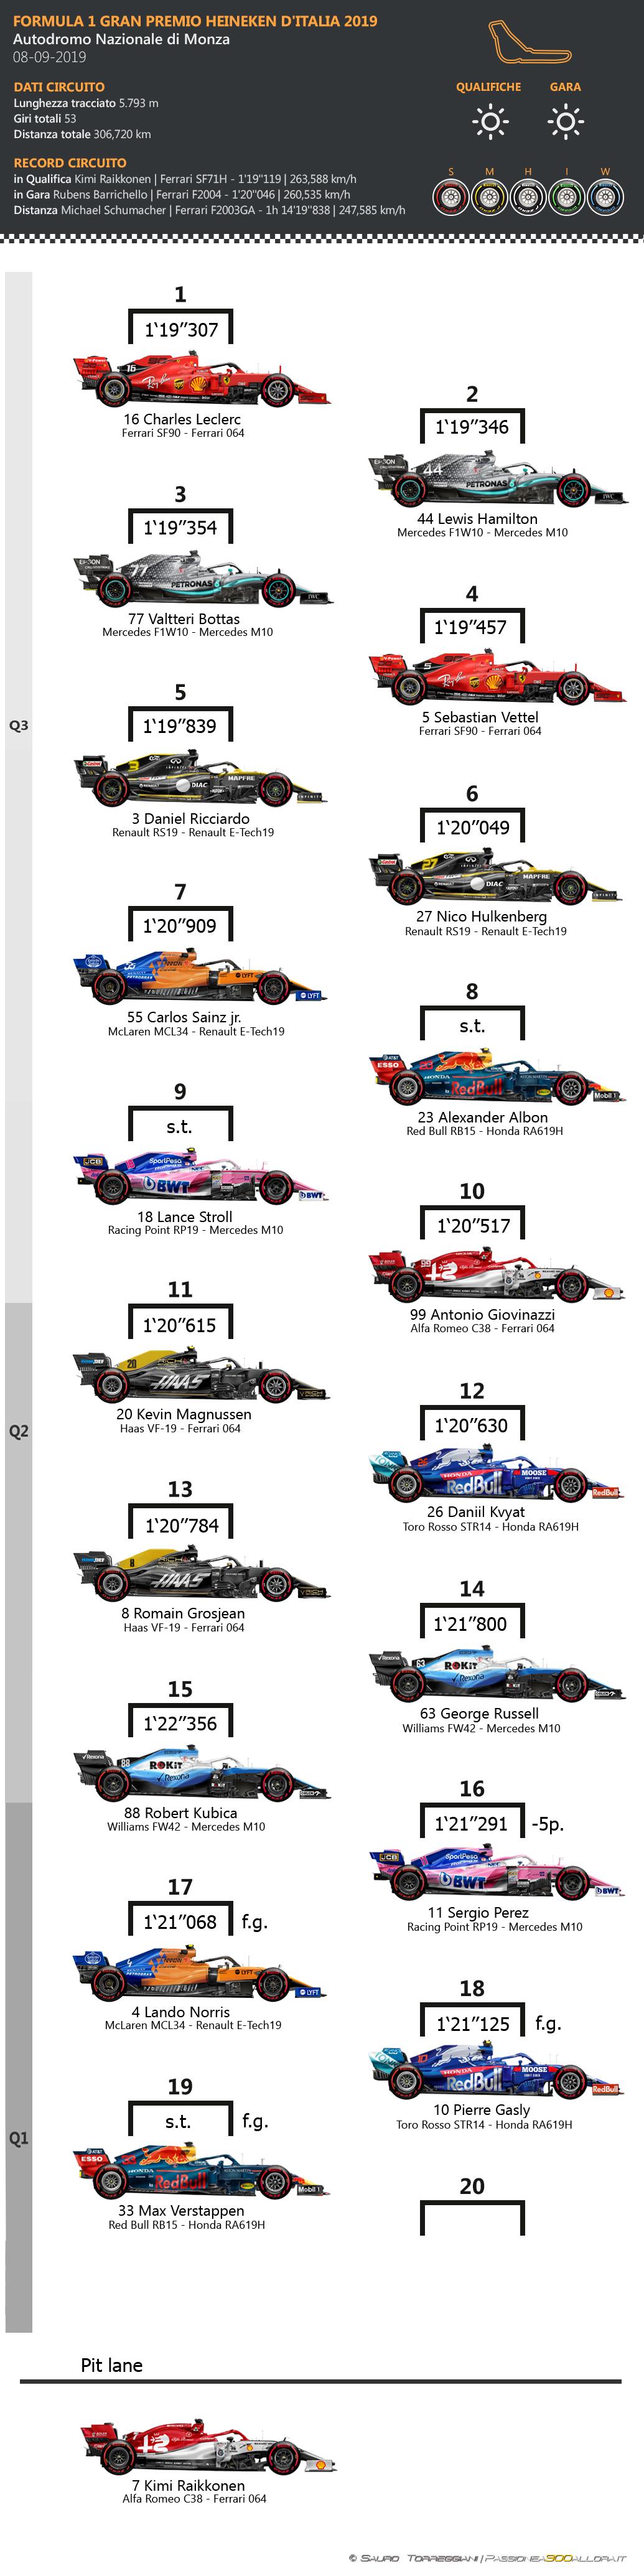 F1   GP d'Italia 2019: griglia di partenza, penalità e set a disposizione 1